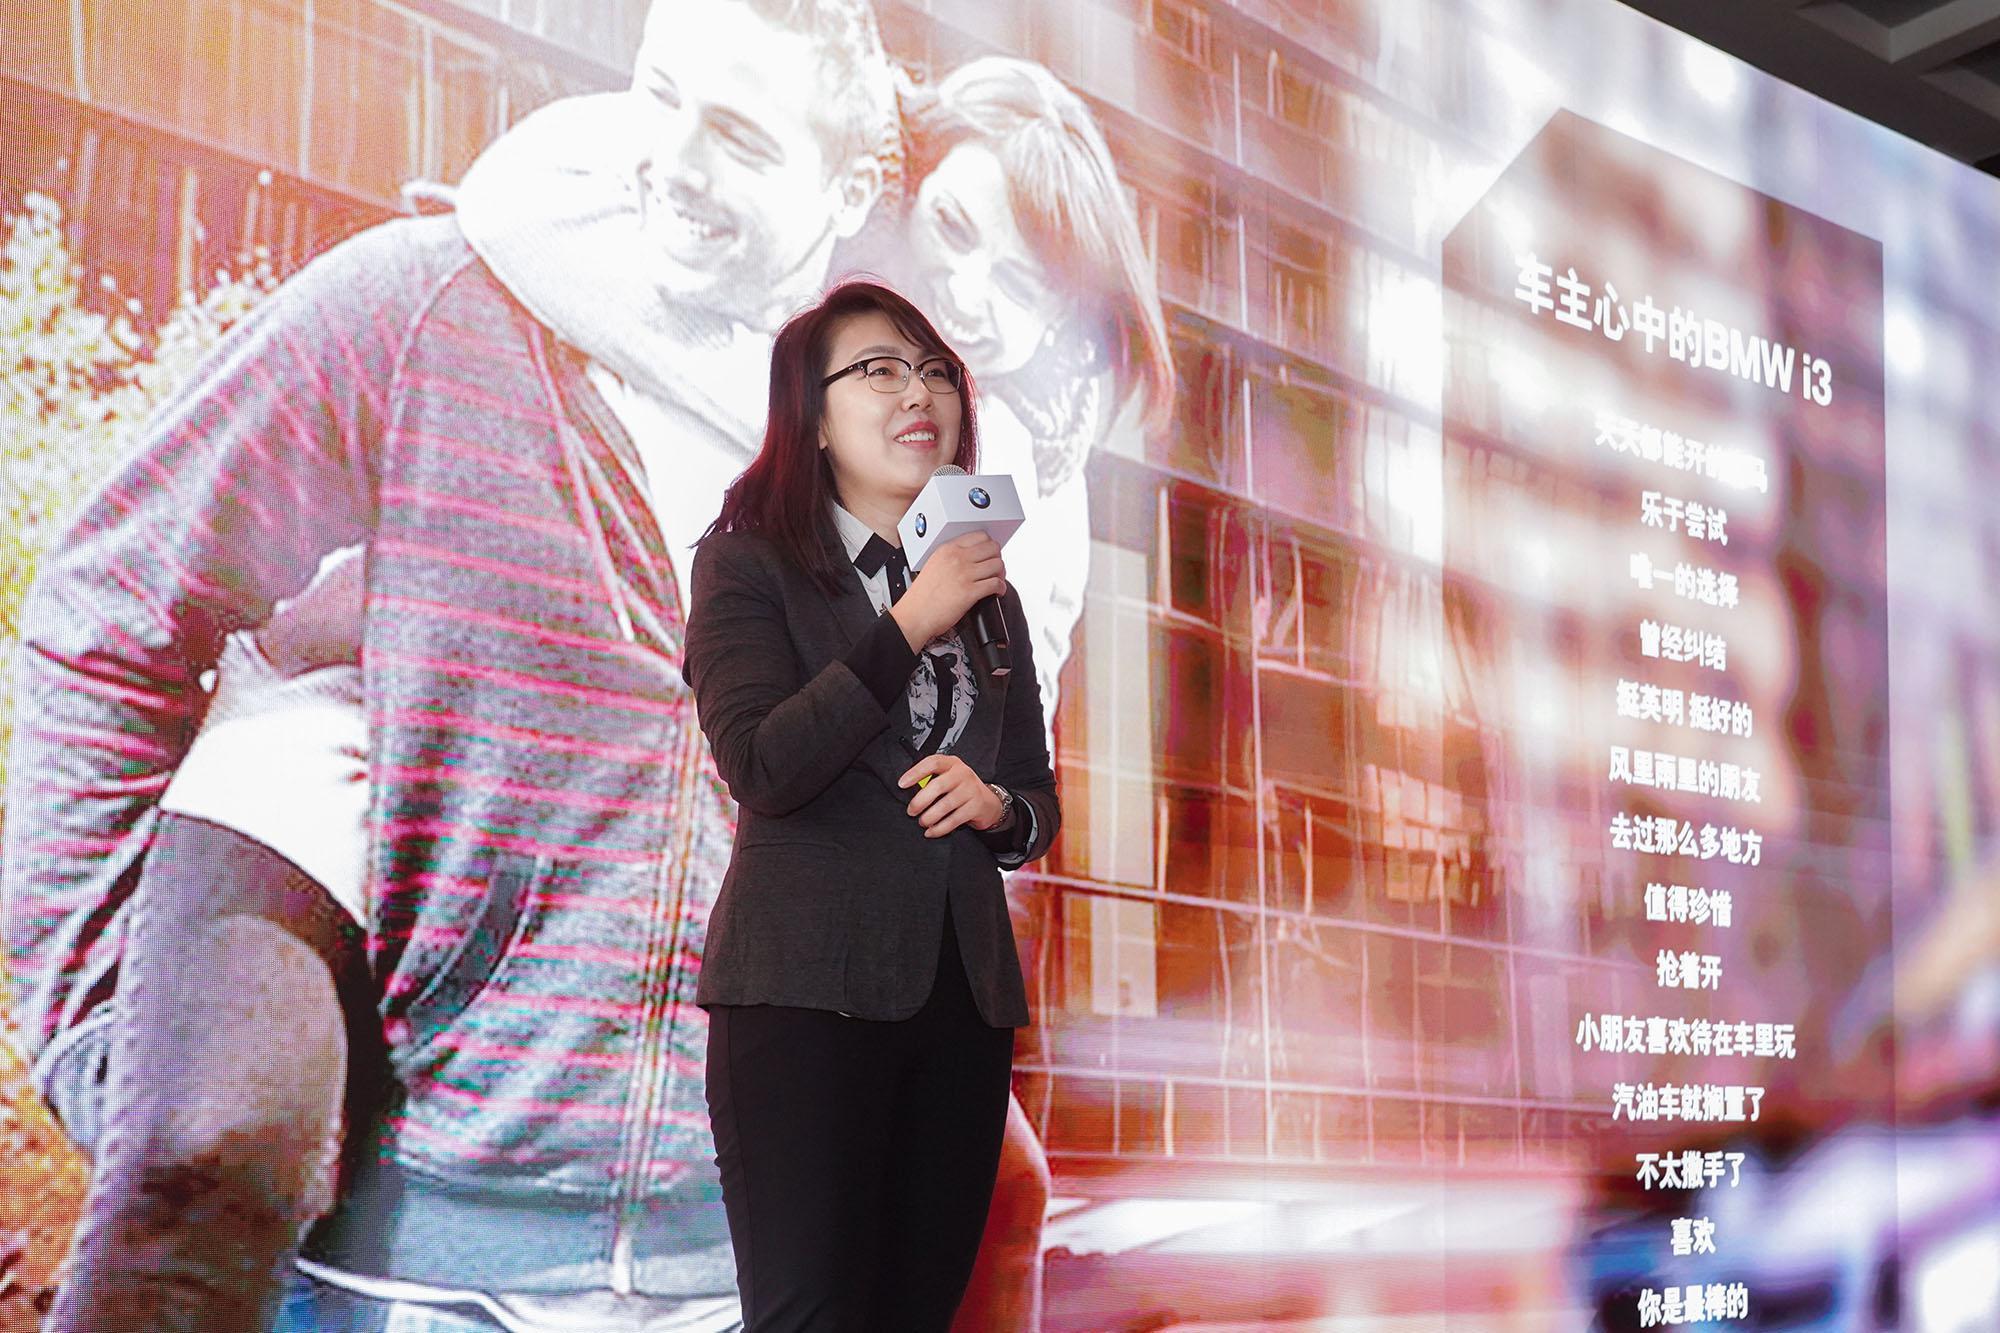 新能源再启程 2025年前宝马投放25款新能源车型